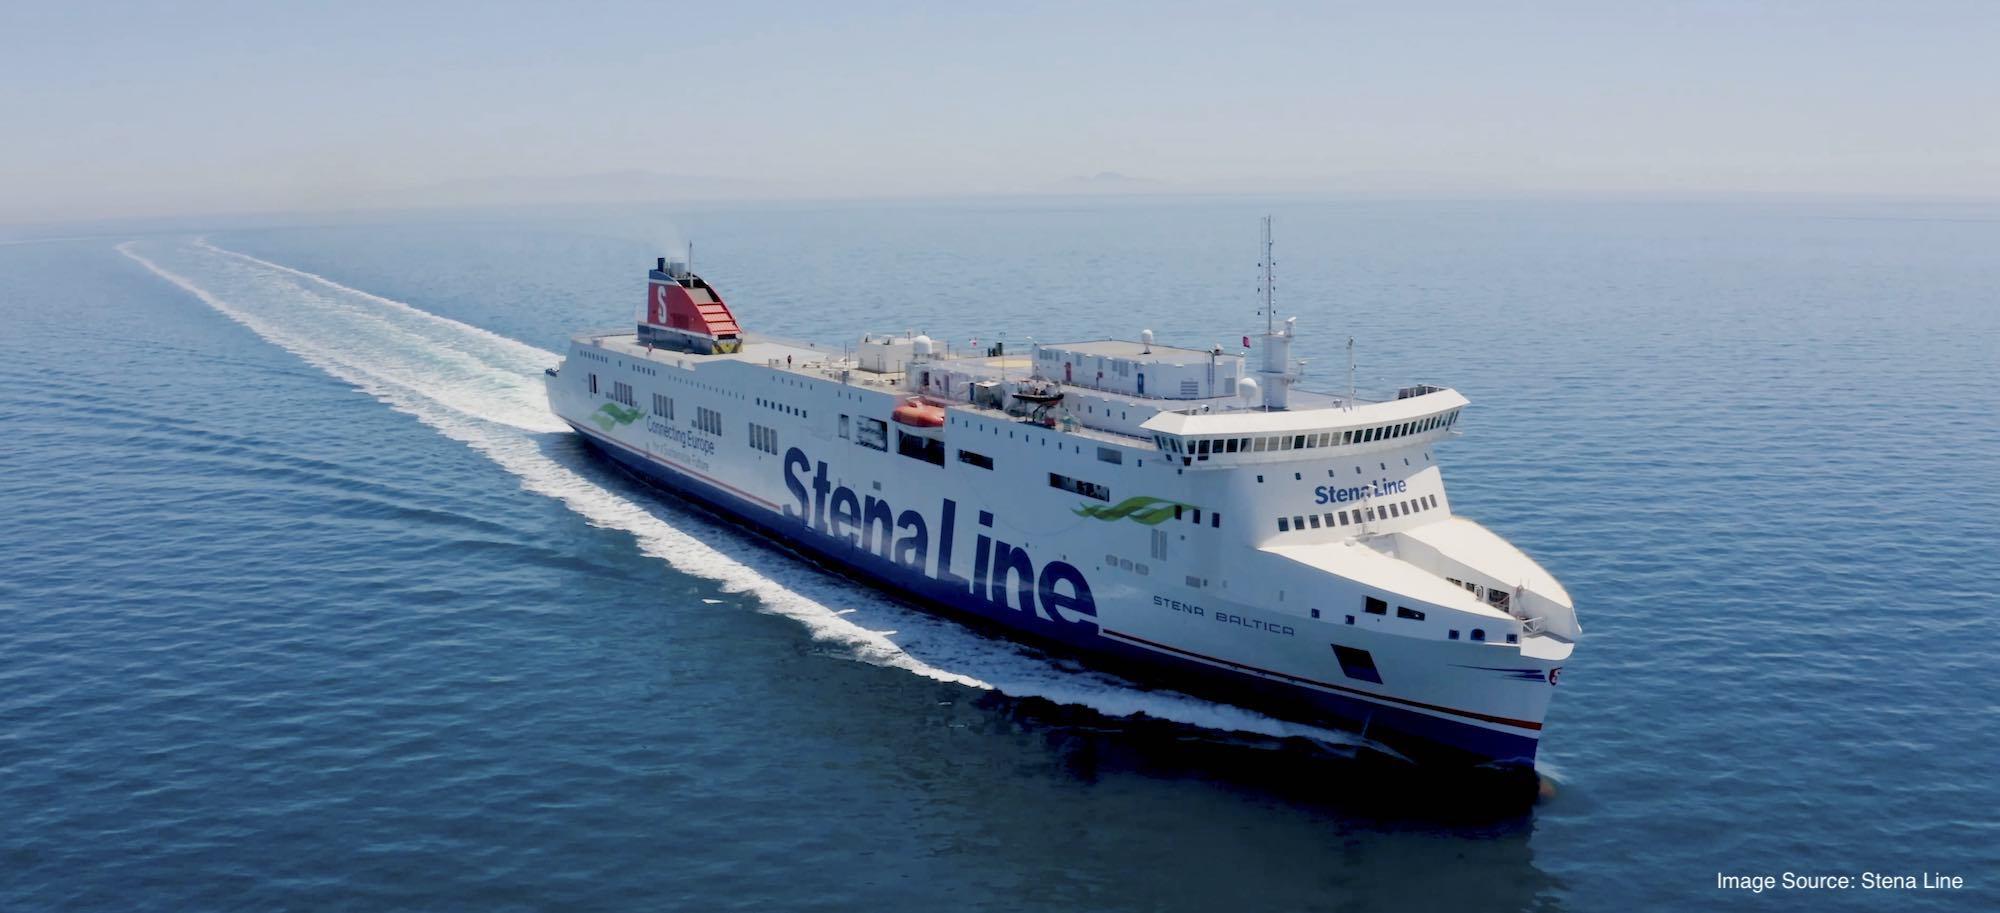 Photo of Stena Line - Stena Baltica ship